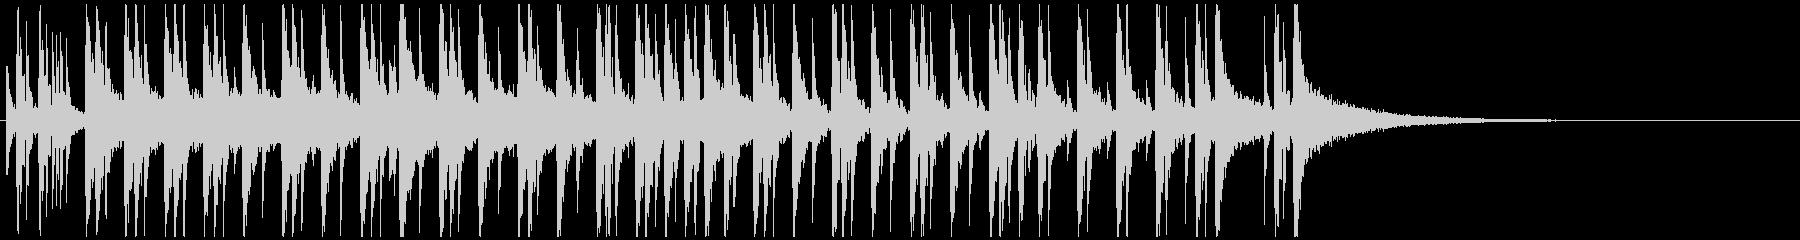 ドラムジングル ロックでパワフルな疾走感の未再生の波形